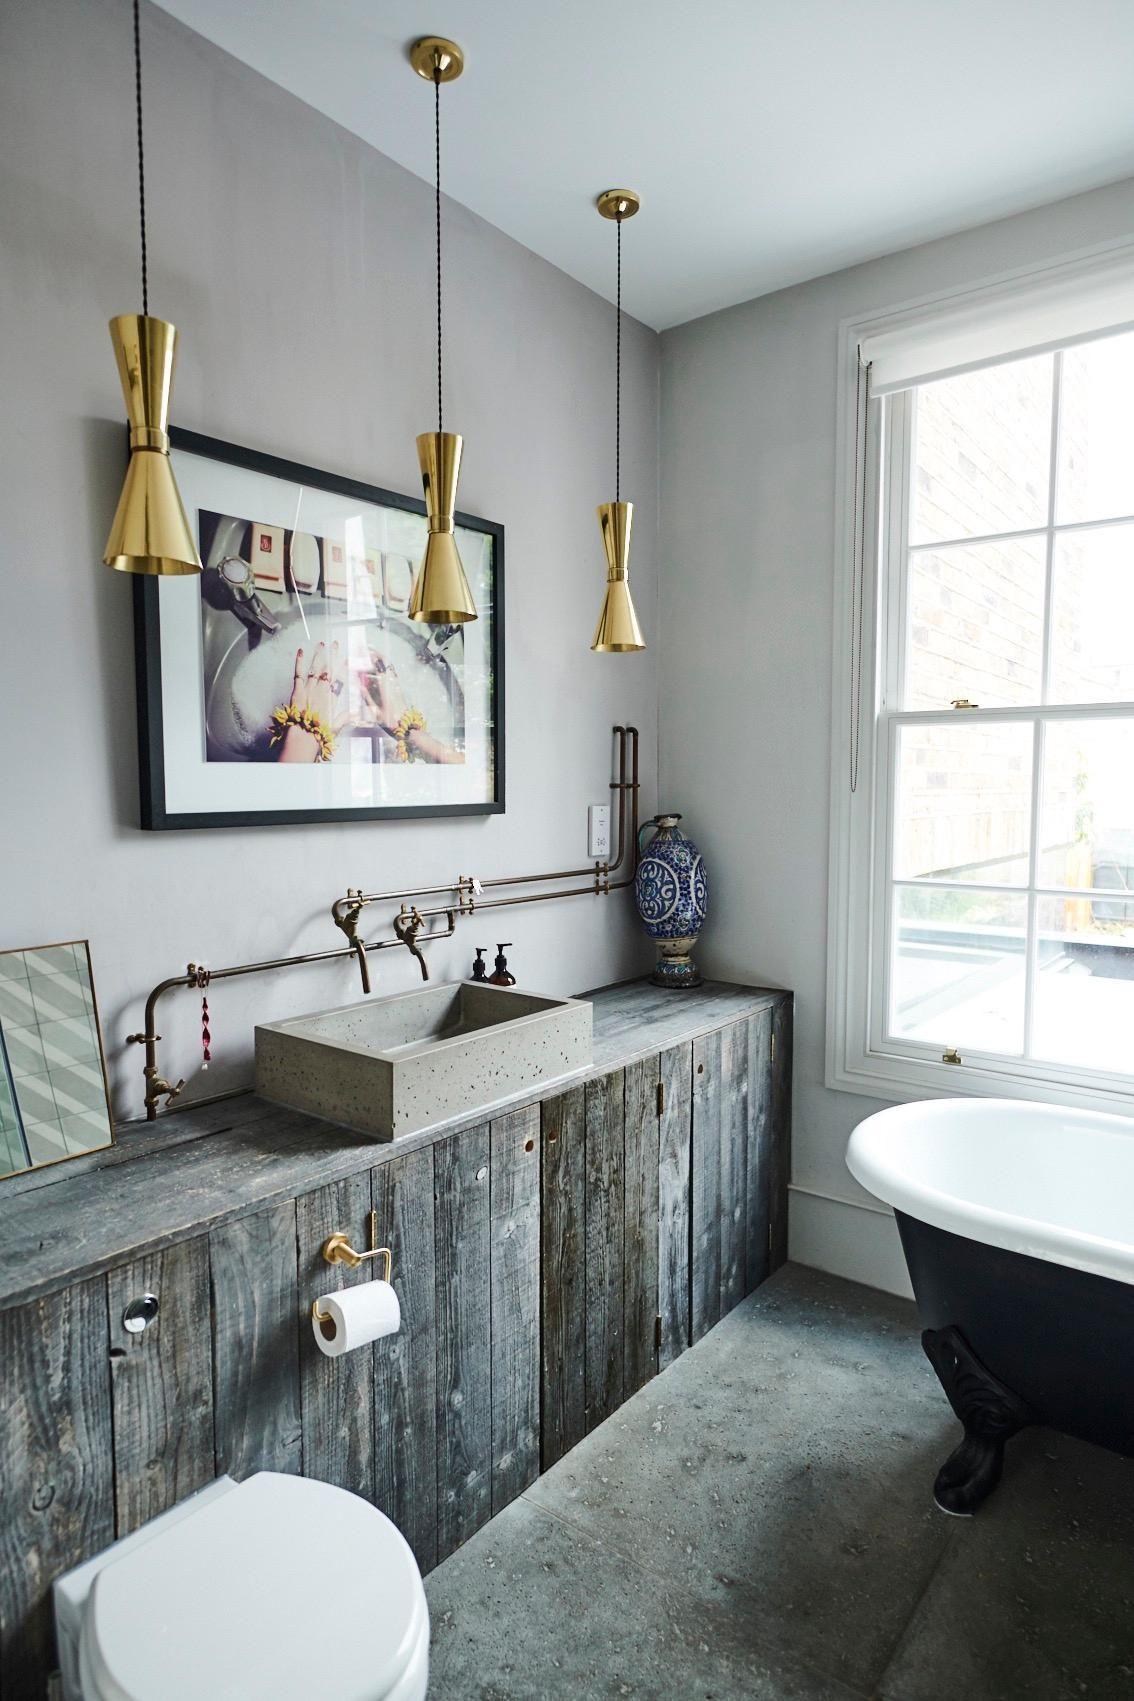 10 Salles De Bain Inspirantes Pour Votre Maison Avec Images